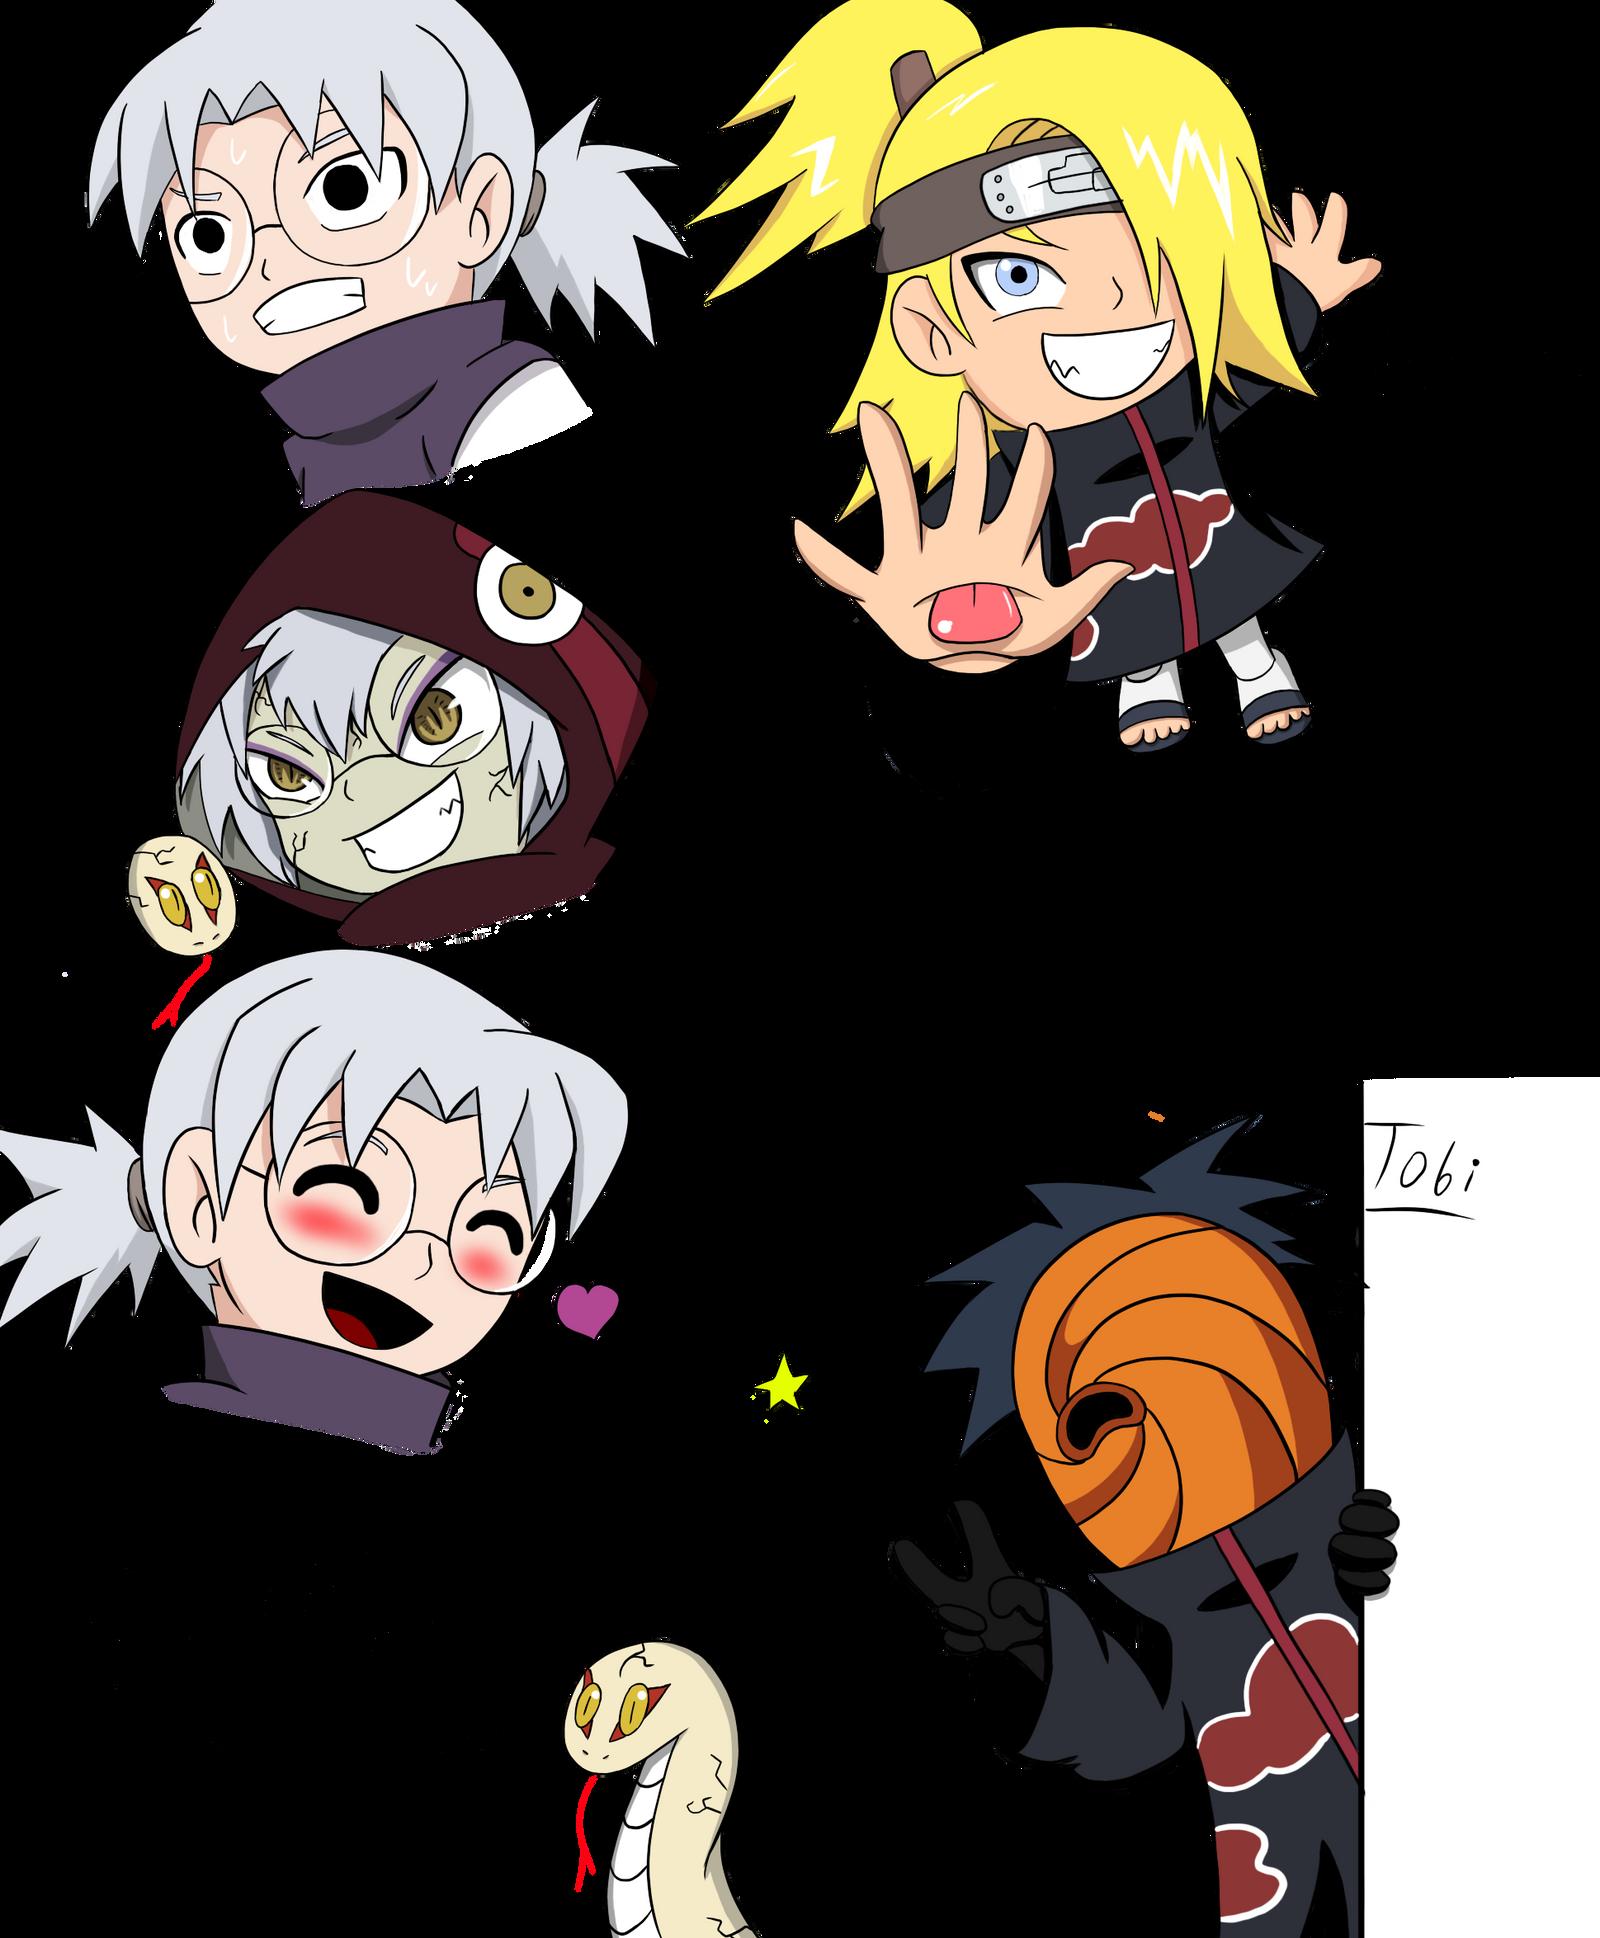 Chibi Naruto Characters Sketch Dump By Fominado